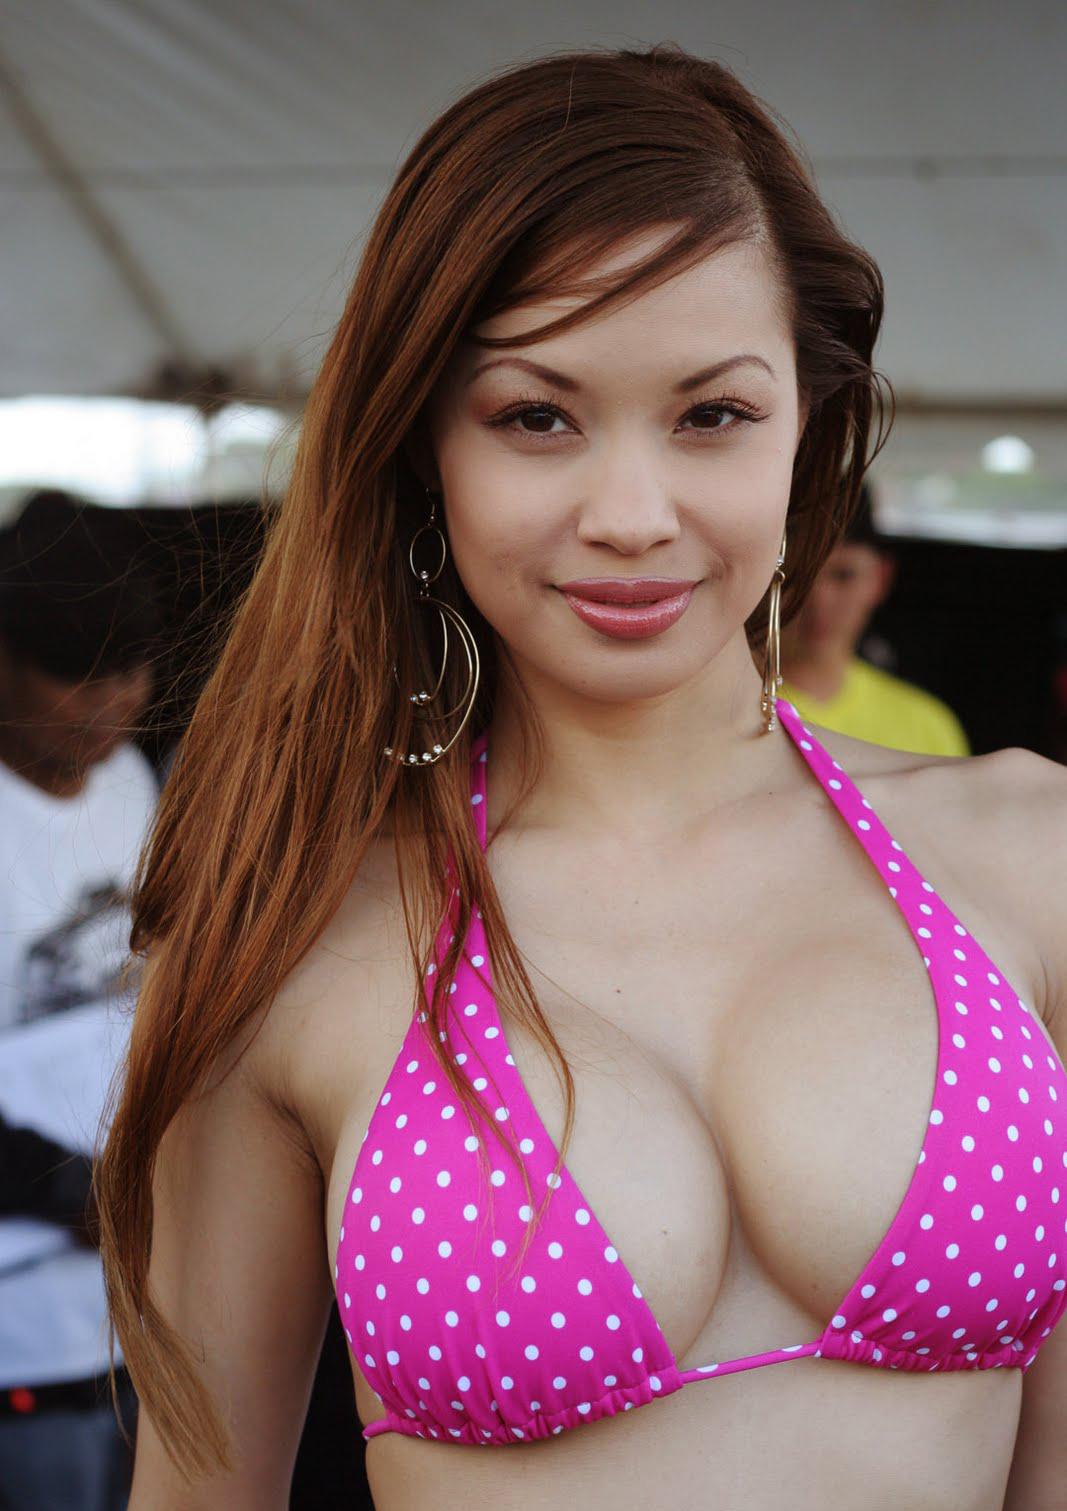 Shera Bechard Xnxx Hot Asian Girl Quot B Quot